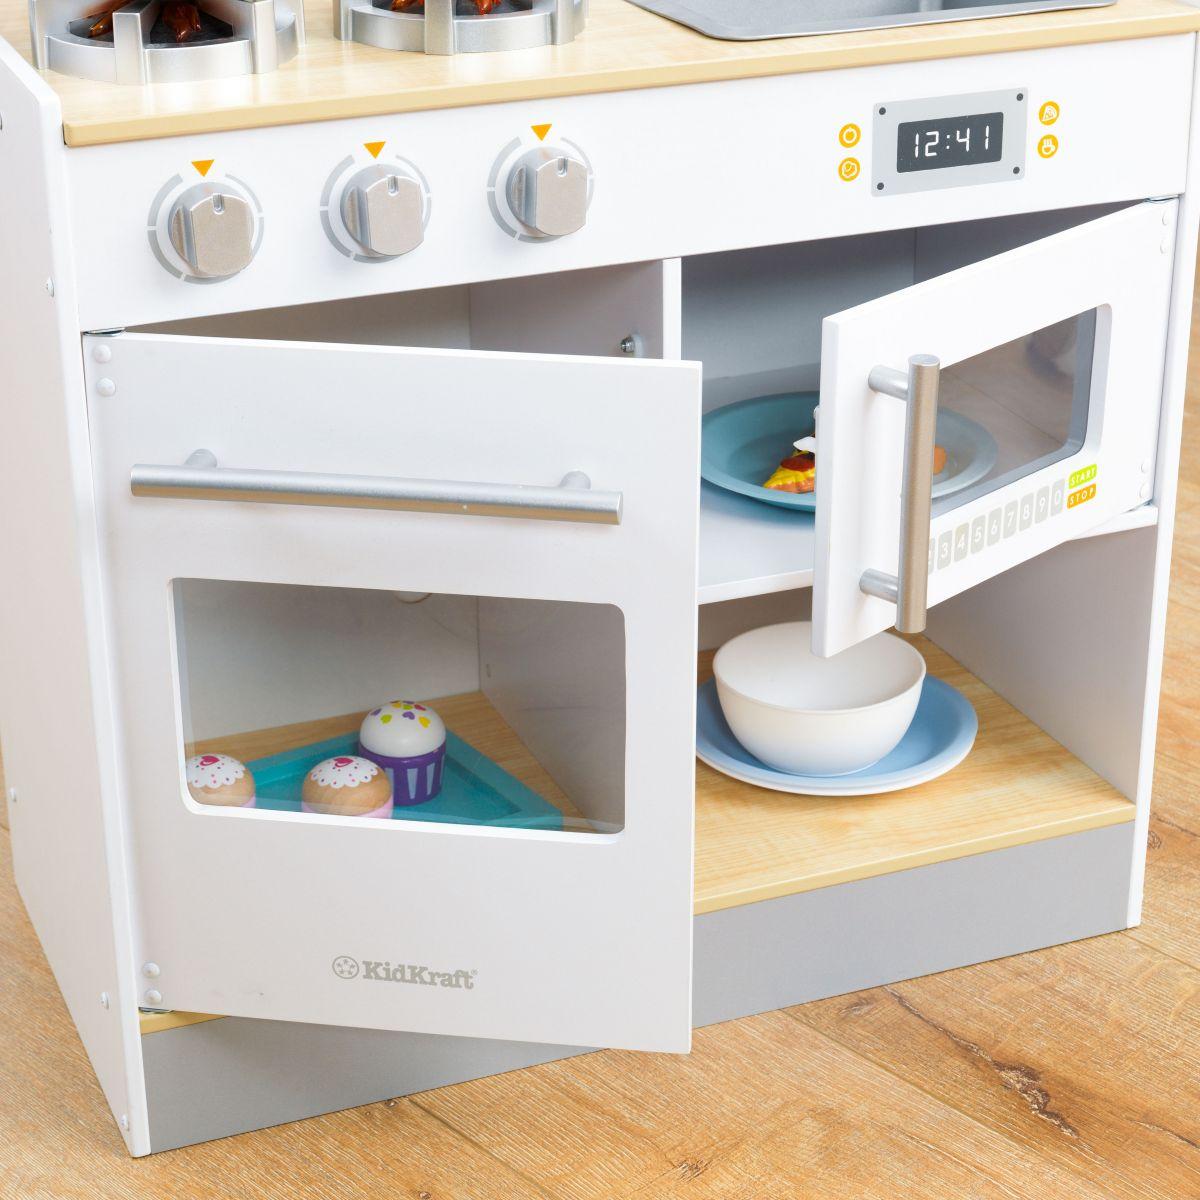 Kidkraft Let's Cook Kitchen, Kidkraft Kitchen, Wooden